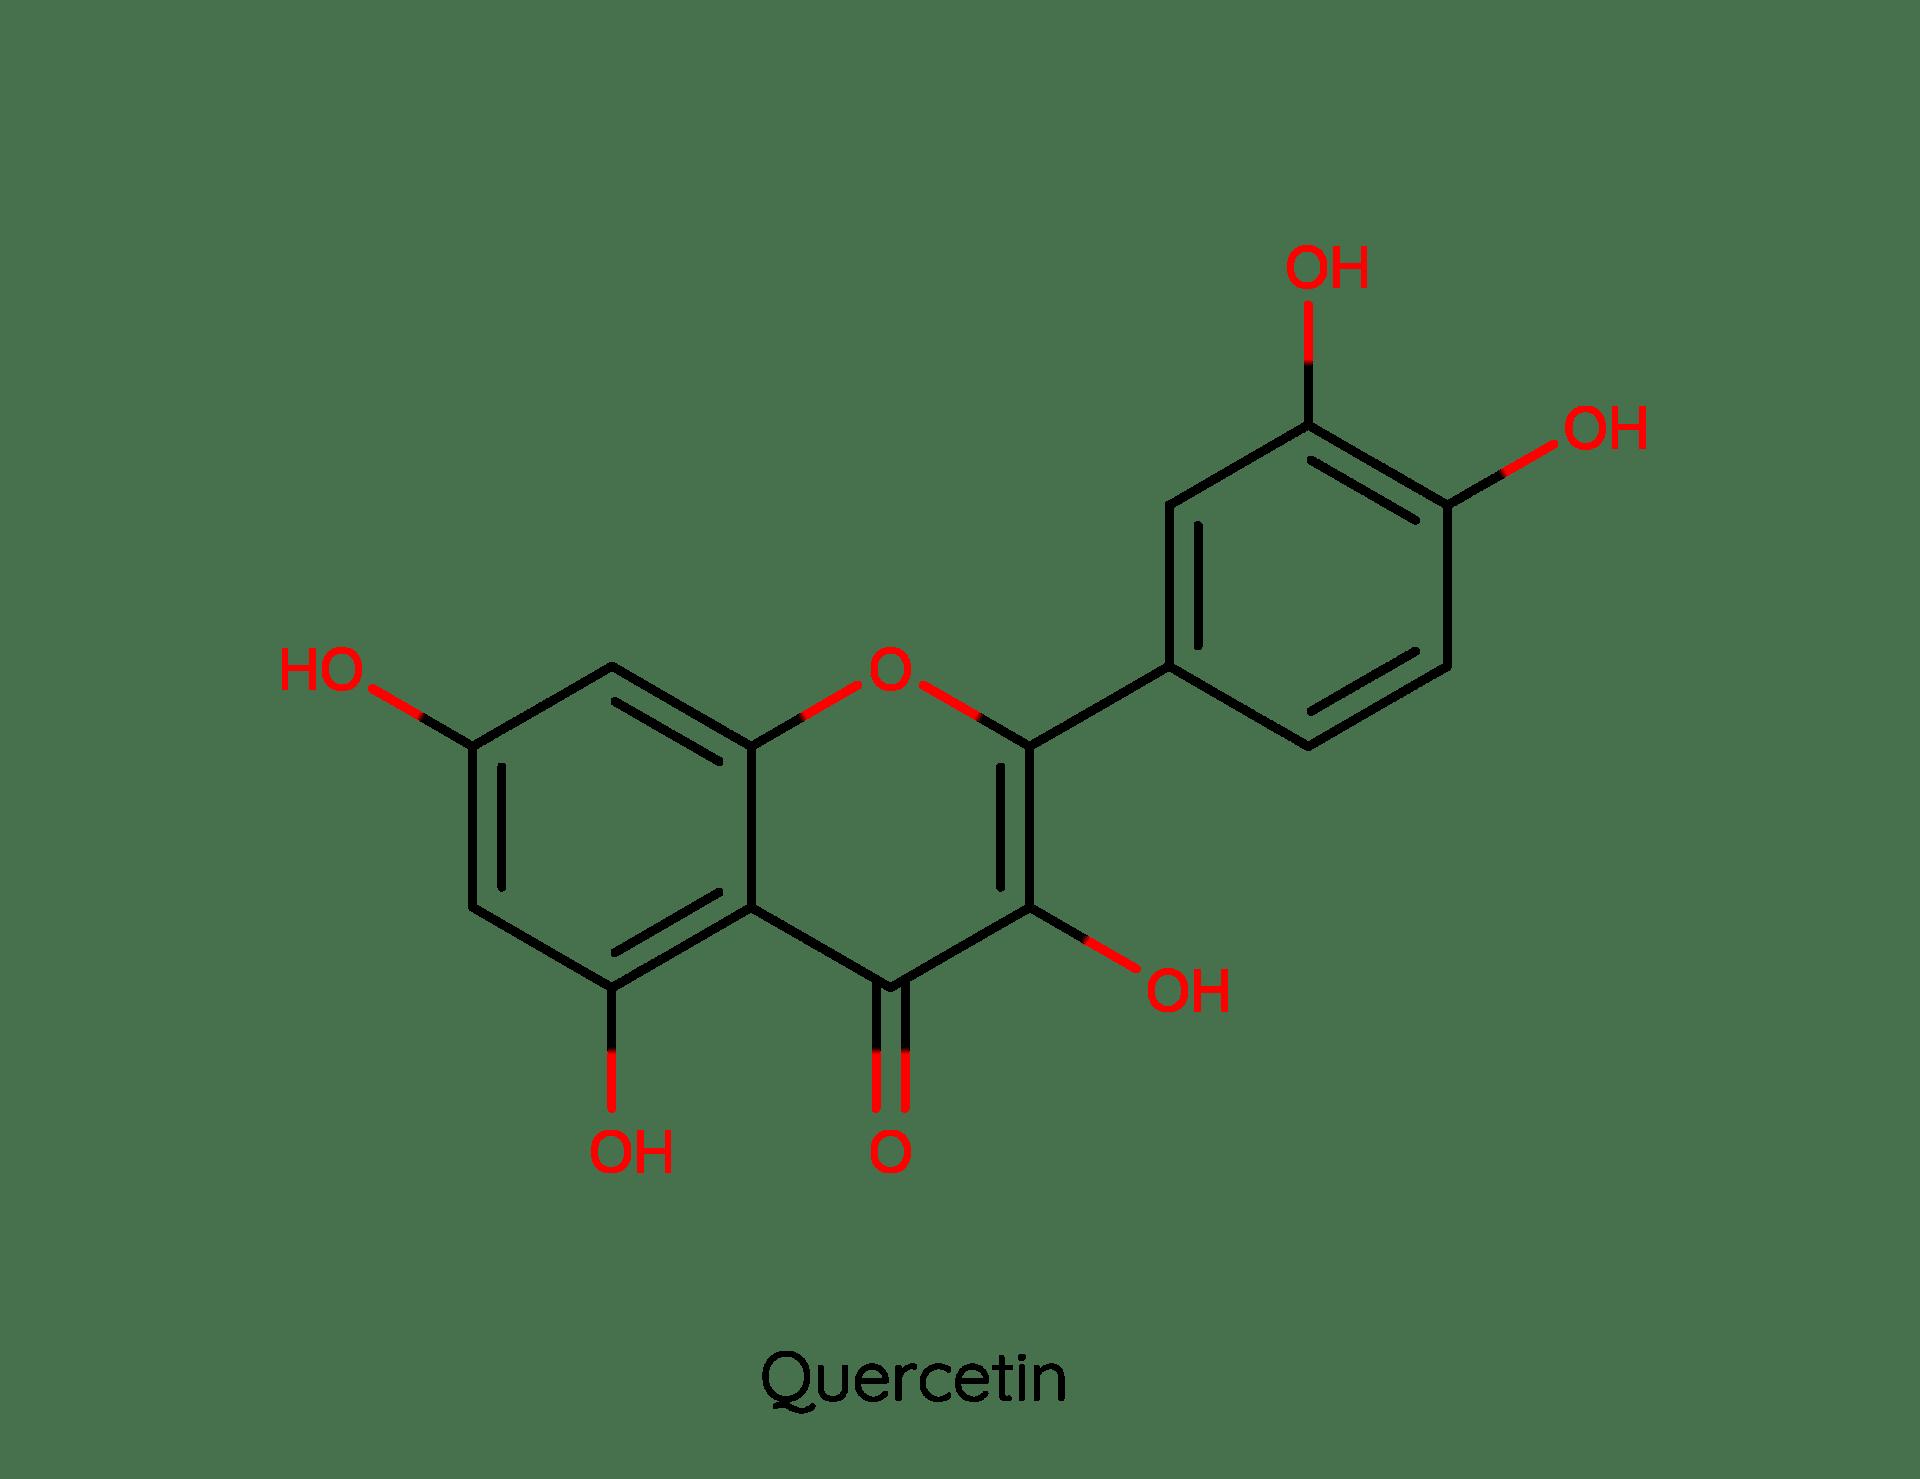 Molekül des sekundären Pflanzenstoffs Quercetin